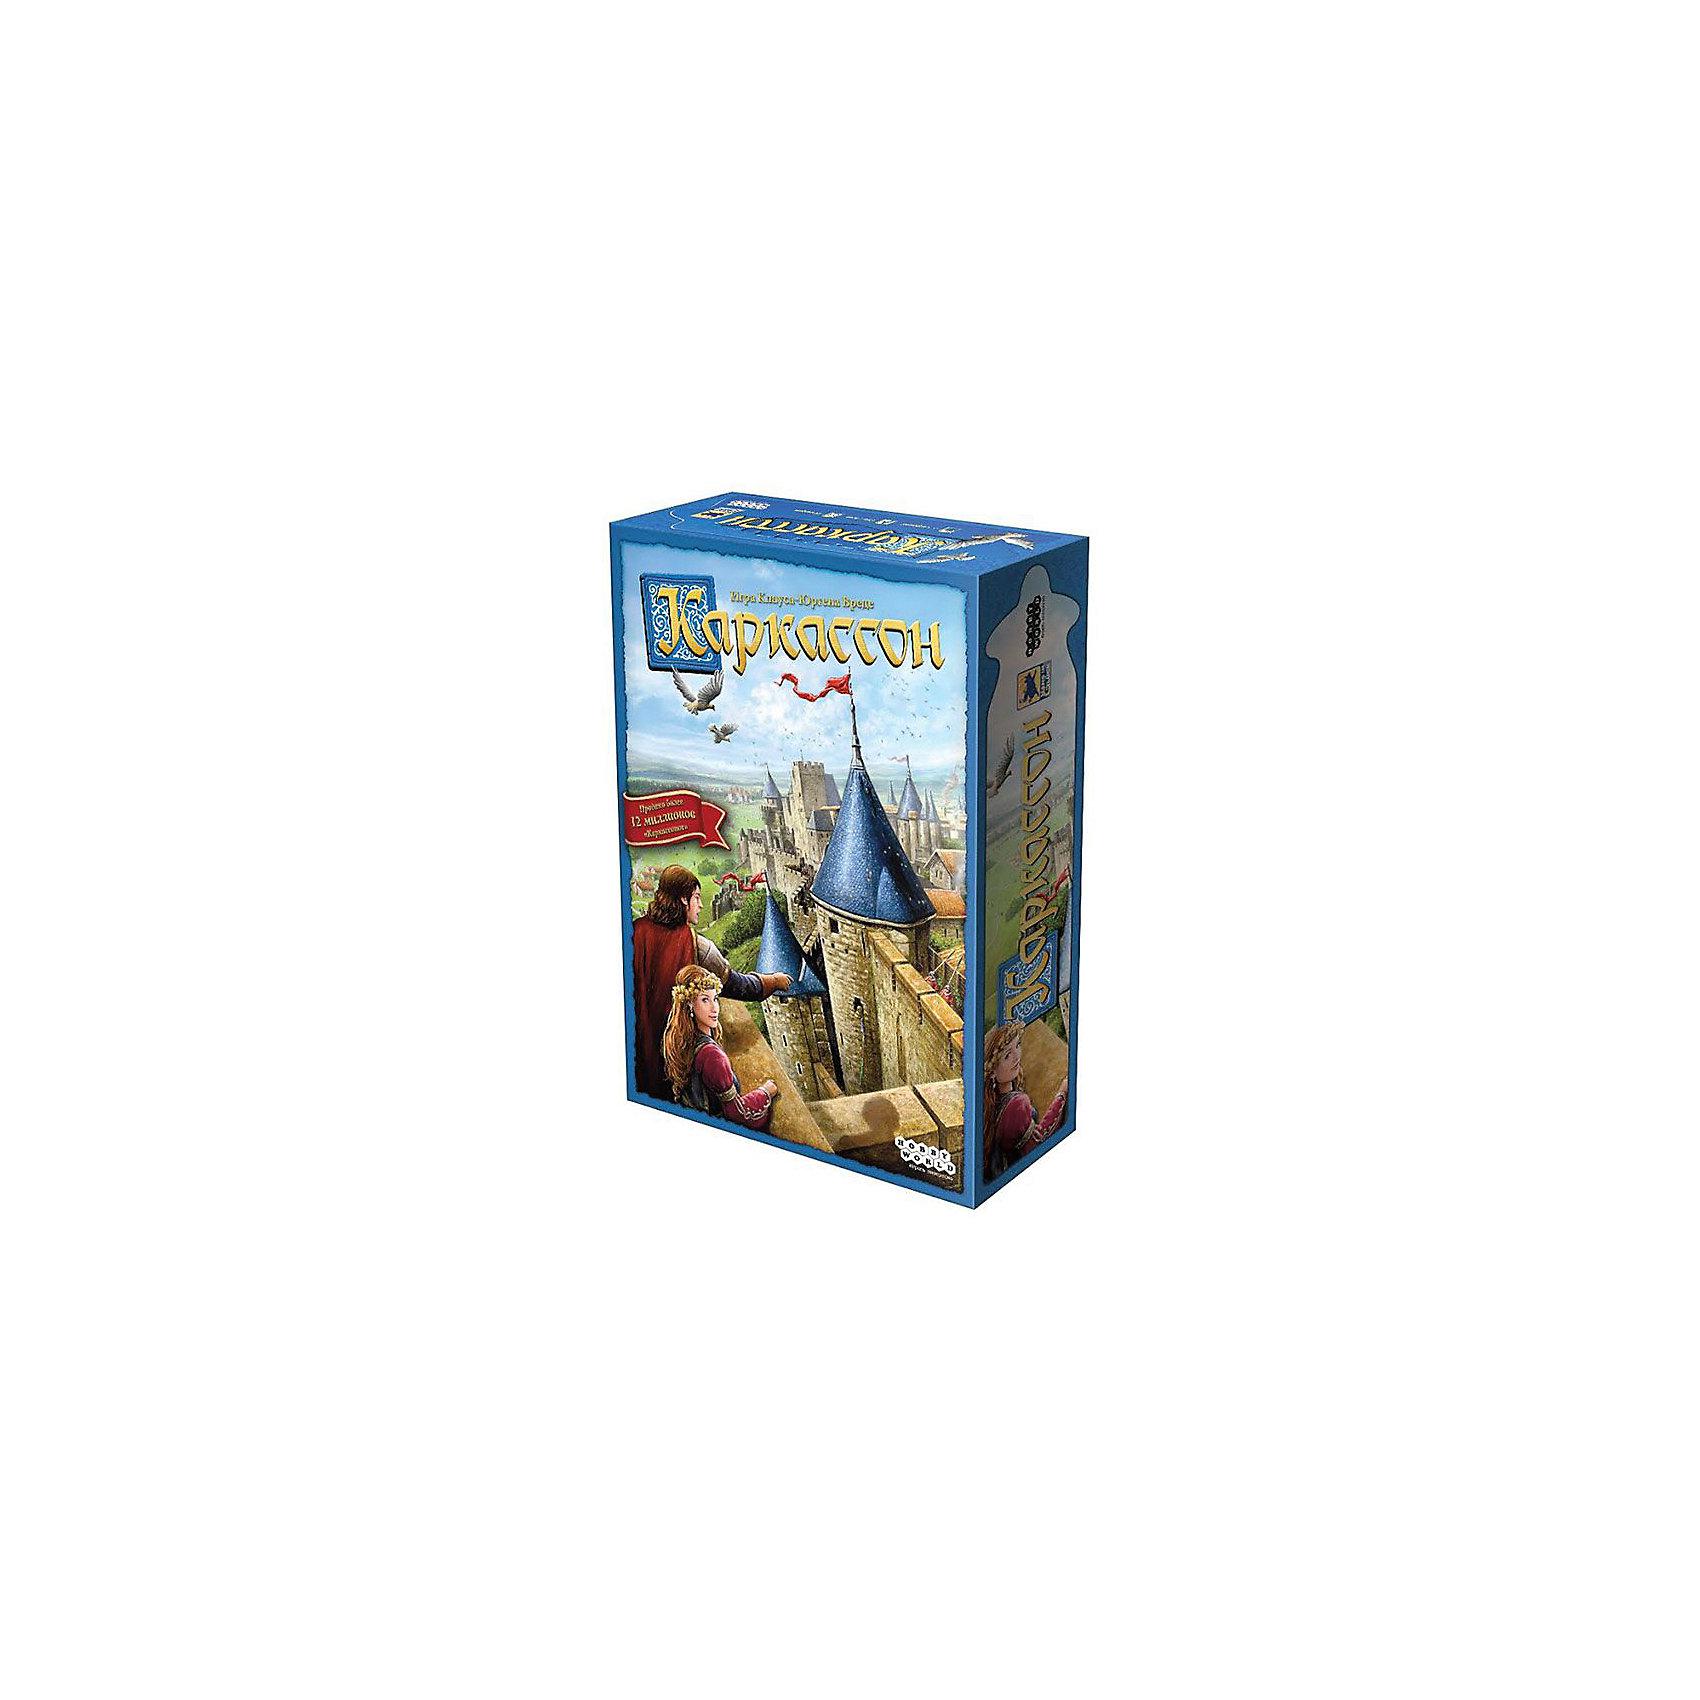 Игра Каркассон, Hobby WorldНастольные игры<br>Характеристики товара:<br><br>• возраст: от 8 лет;<br>• материал: картон;<br>• количество игроков: 2-5 человек;<br>• время игры: 30-60 минут;<br>• в комплекте: 135 карт, 4 дорожки подсчета очков, 10 фишек подданных, 5 сундуков, 5 жетонов, правила игры;<br>• размер упаковки 27,7х19,4х6,4 см;<br>• вес упаковки 635 гр.;<br>• страна производитель: Россия.<br><br>Игра «Каркассон» Hobby World позволит увлекательно провести время в компании. В процессе игры игроки выстраивают свои владения, используя карты с дорогами, замками и т.д. Карточки устанавливаются так, чтобы изображение на ней совпадало с границей предыдущей карты. Подданные помогают расширить владения. За подданных начисляются очки. В конце игры надо набрать как можно больше баллов.<br><br>Игру «Каркассон» Hobby World можно приобрести в нашем интернет-магазине.<br><br>Ширина мм: 277<br>Глубина мм: 194<br>Высота мм: 64<br>Вес г: 635<br>Возраст от месяцев: 96<br>Возраст до месяцев: 2147483647<br>Пол: Унисекс<br>Возраст: Детский<br>SKU: 5597223